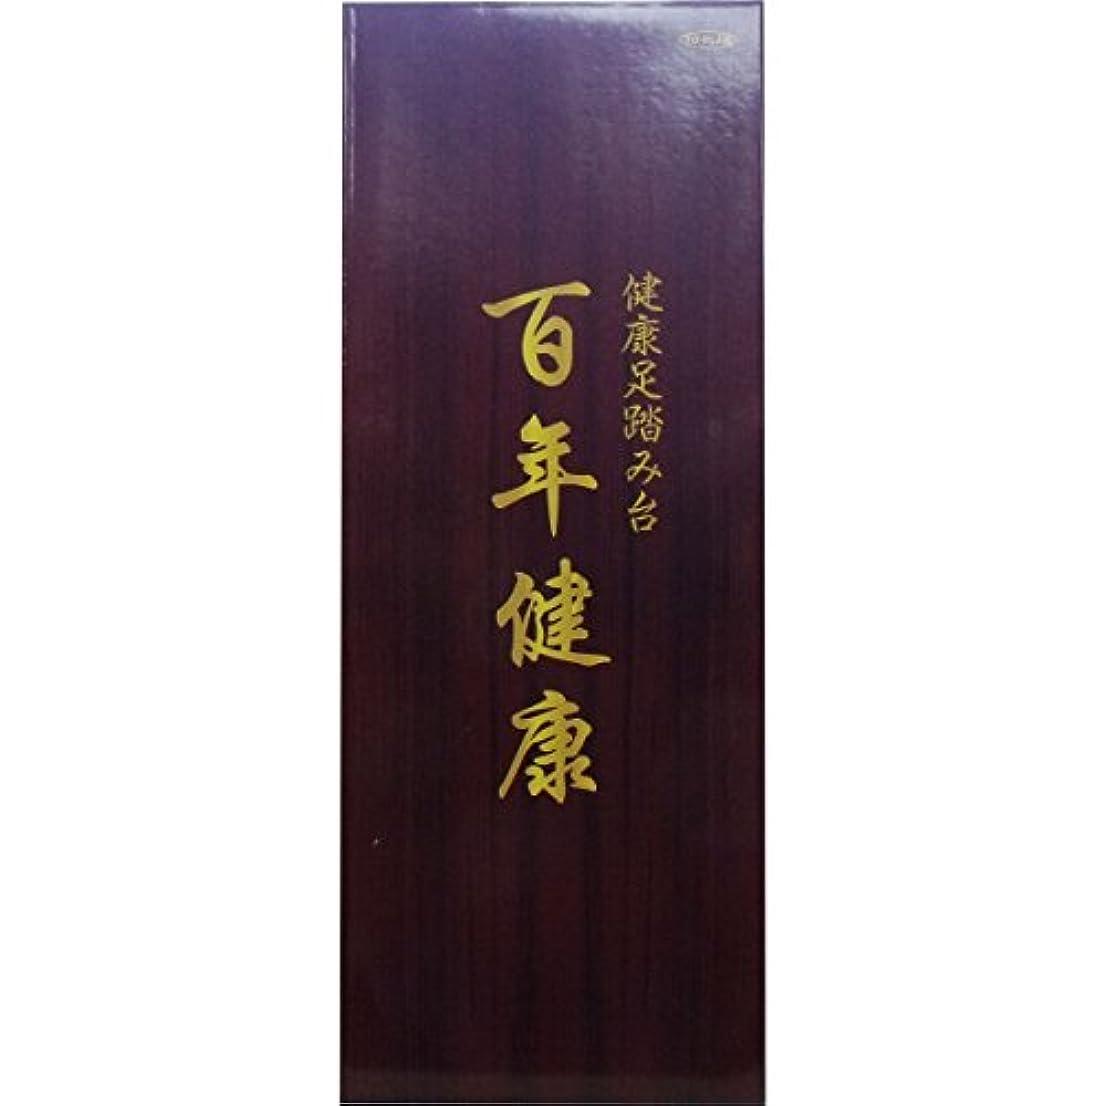 モッキンバードスライム見込み【お徳用 2 セット】 健康足踏み台 百年健康×2セット